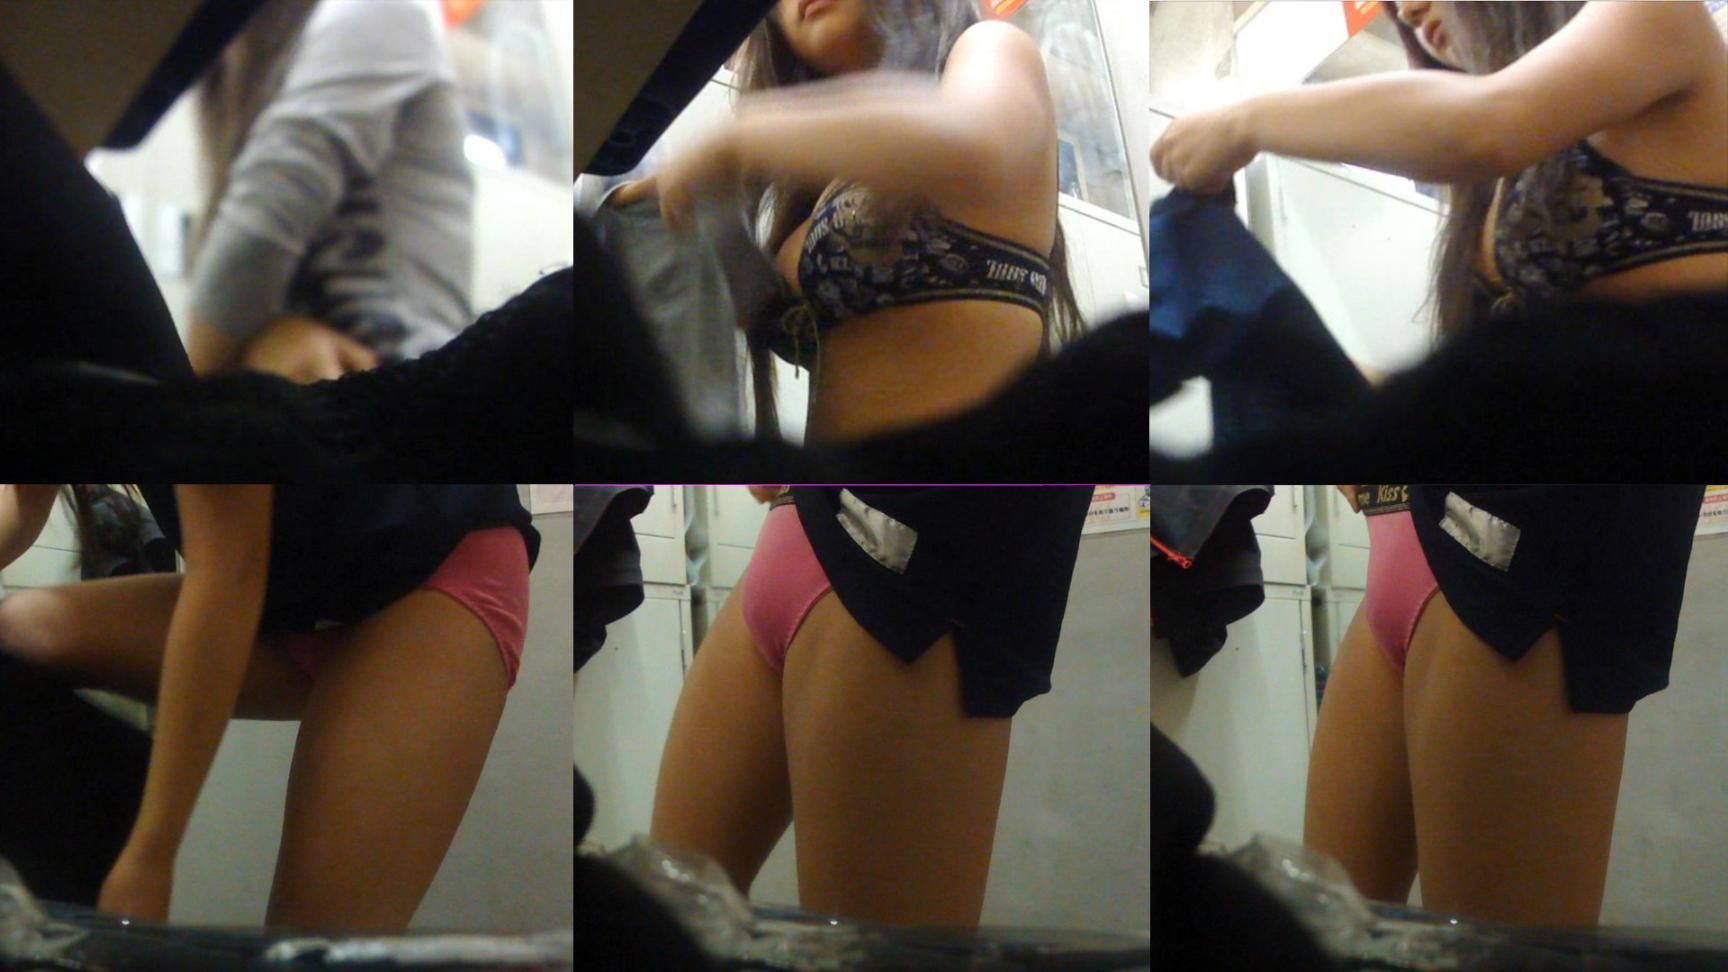 男子禁制の更衣室で女性の着替えをこっそり覗き見たエロ画像